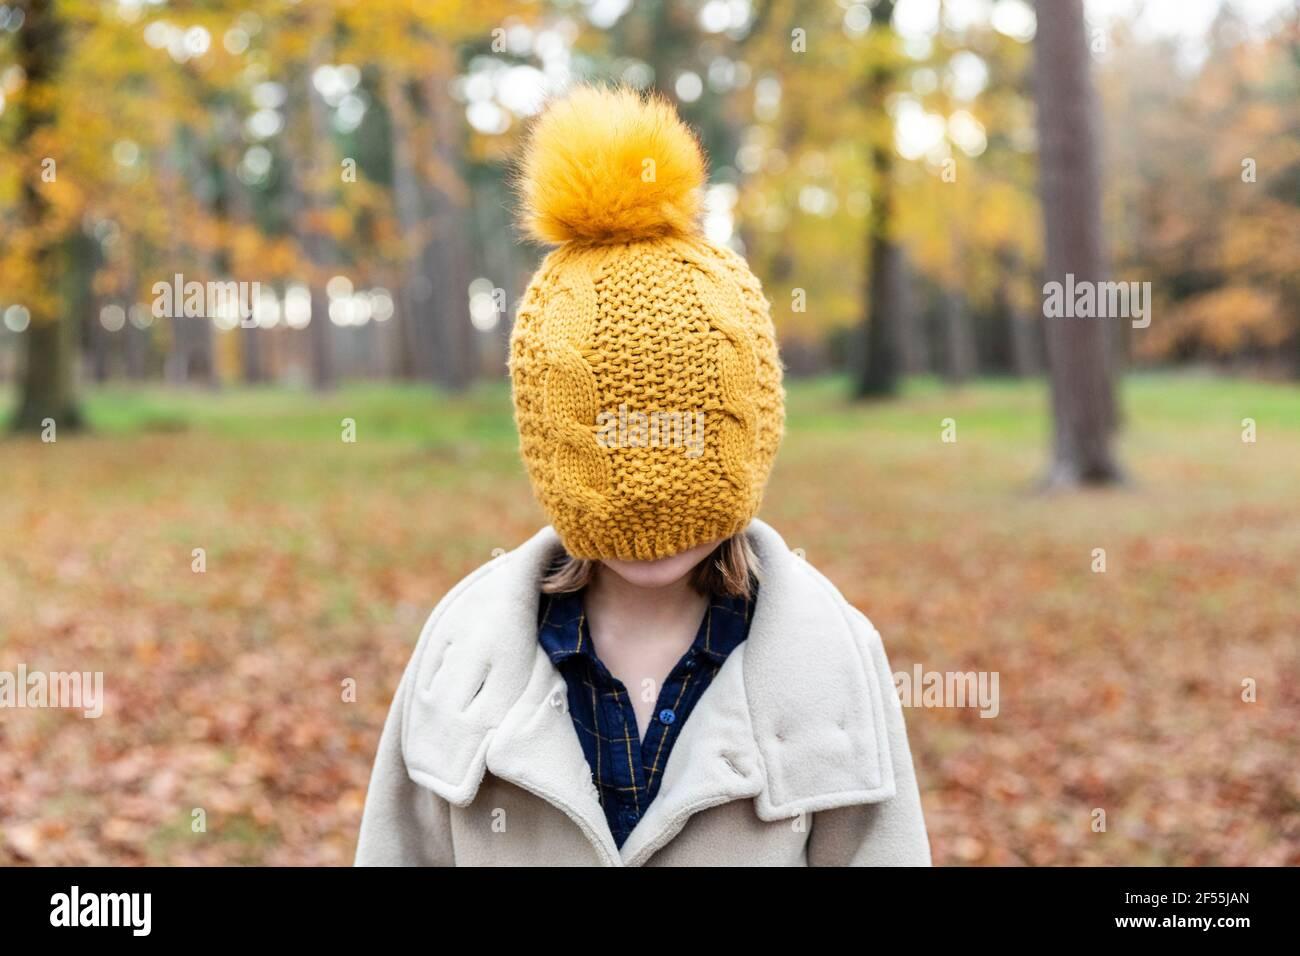 Fille portant une veste couvrant le visage avec un chapeau tricoté pendant qu'elle est debout en forêt Banque D'Images